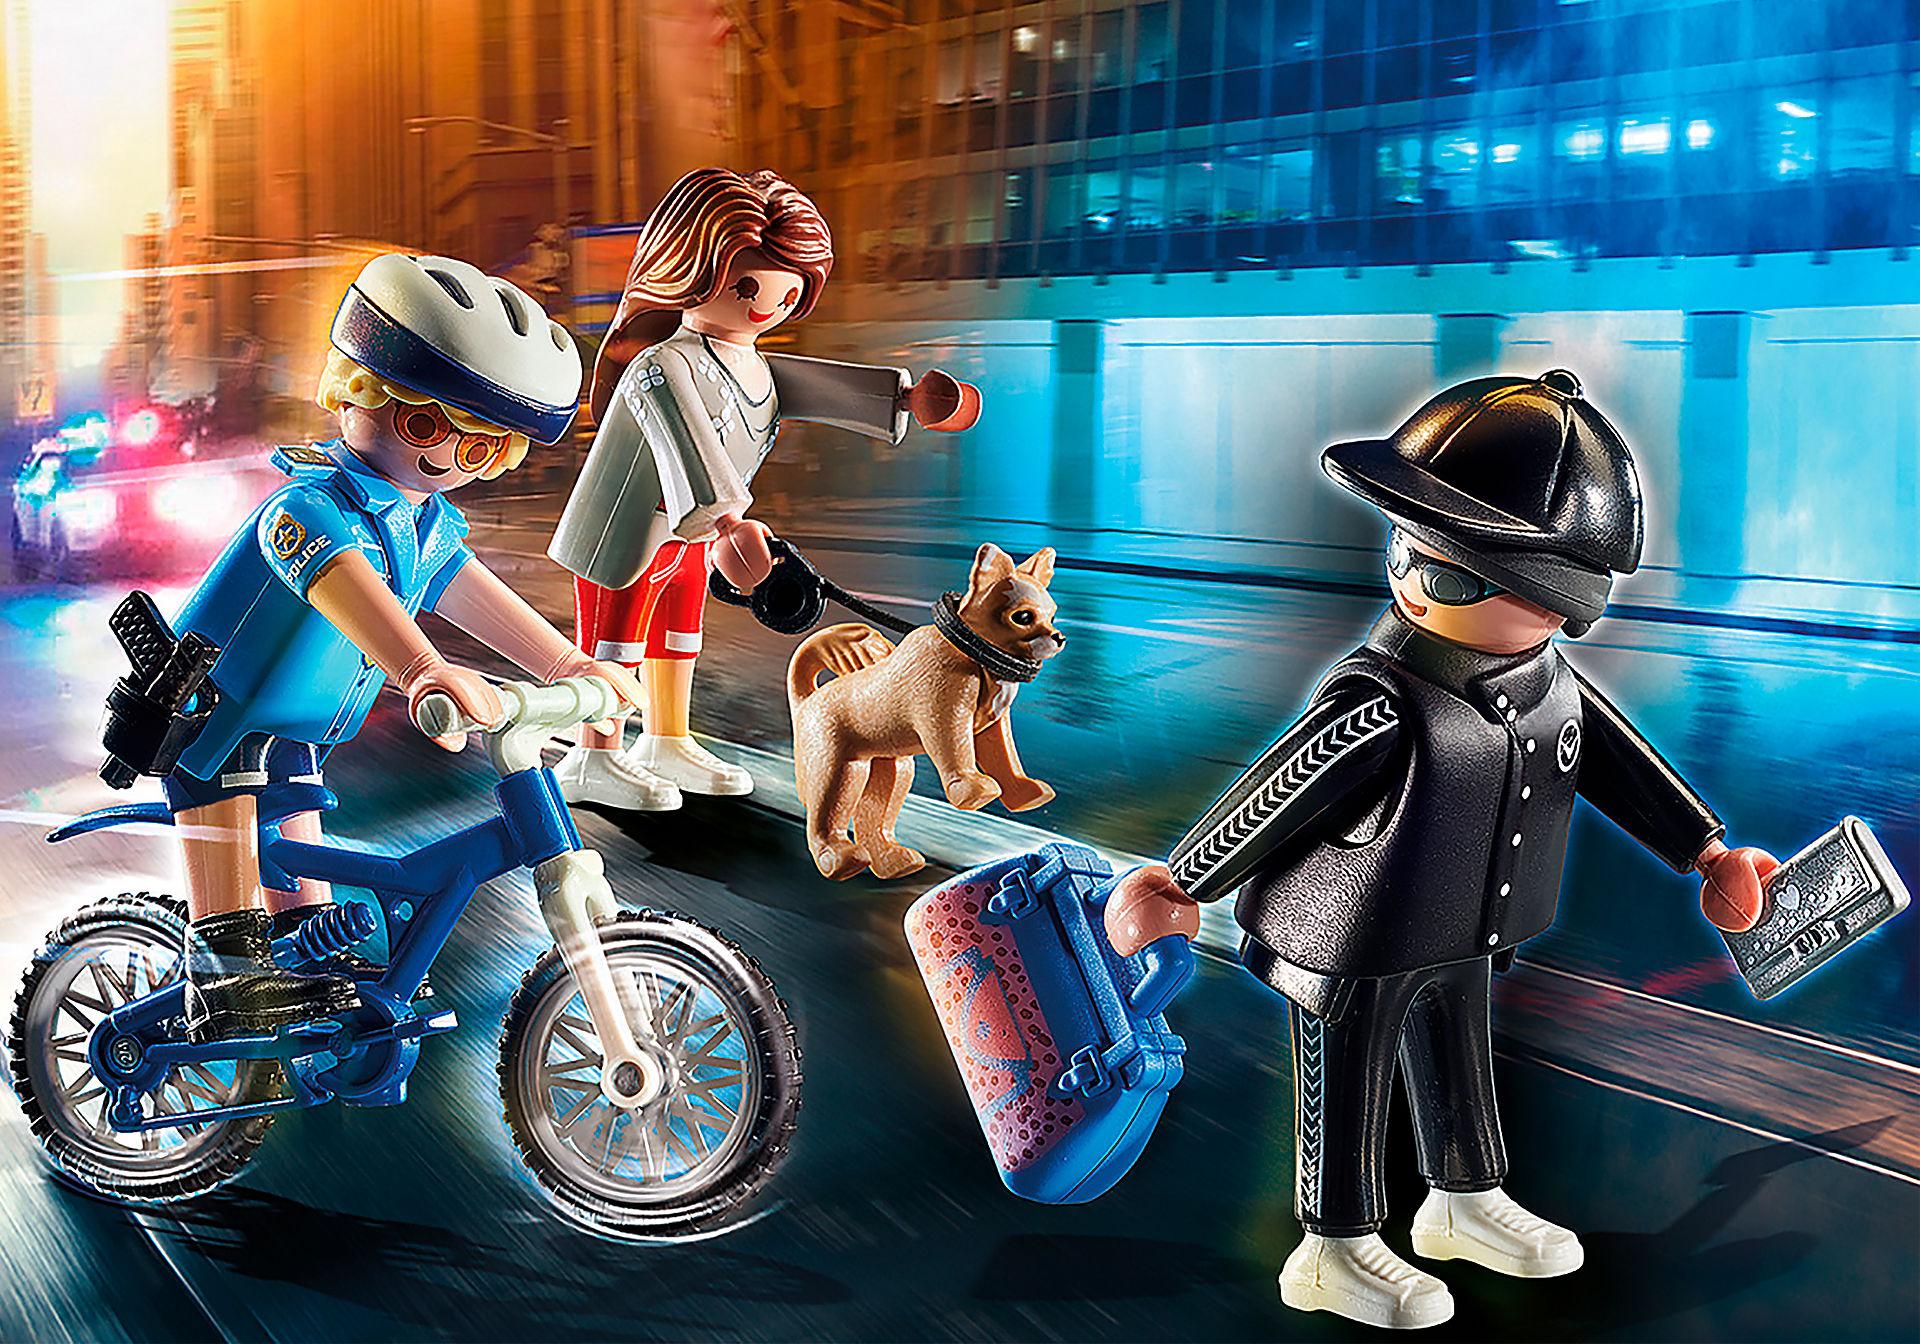 70573 Polizei-Fahrrad: Verfolgung des Taschendiebs zoom image1